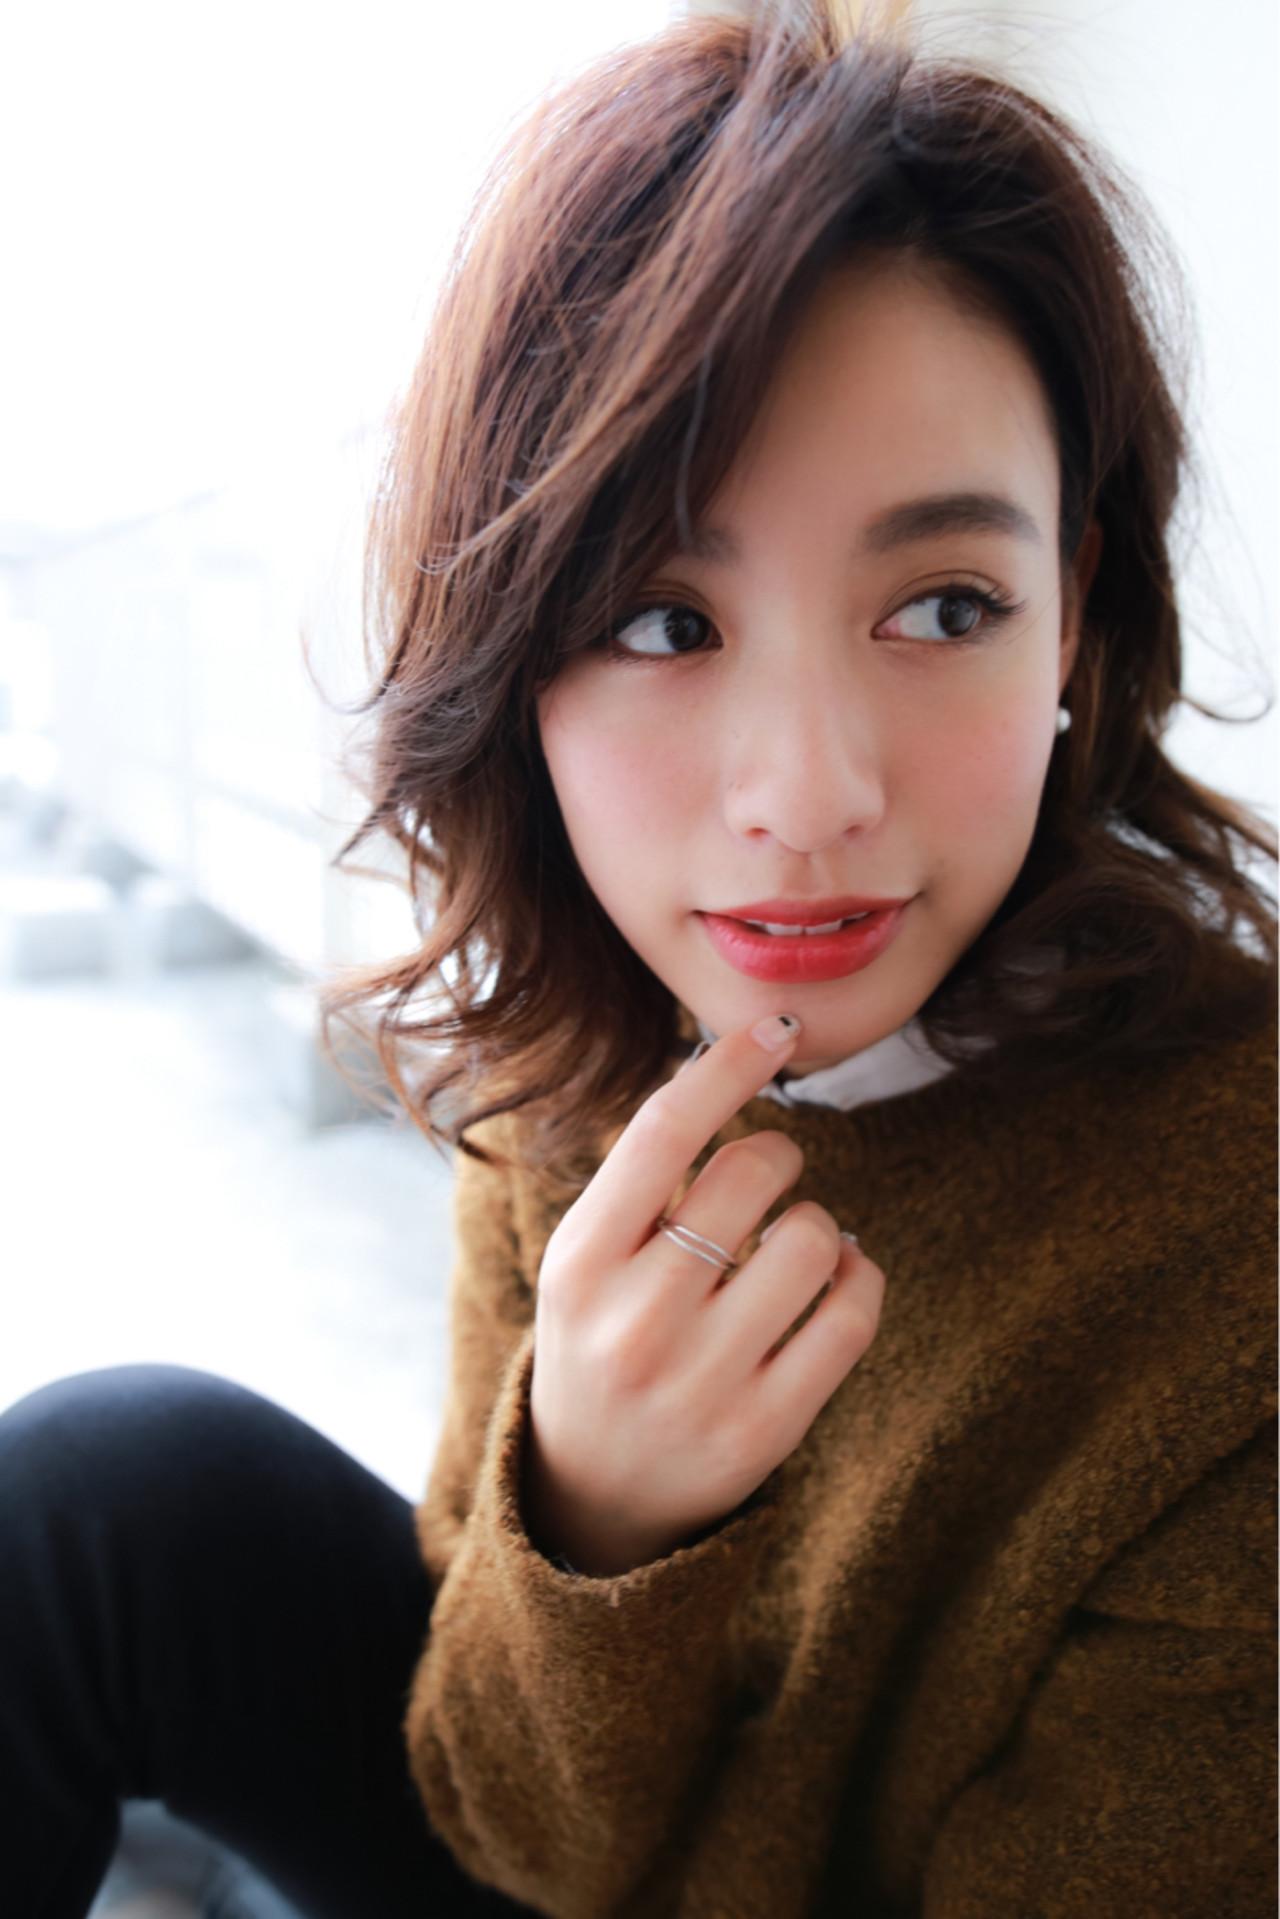 くびれが魅力的♡小顔パーマスタイル 賀満 洋行/OCEAN Hair&Life